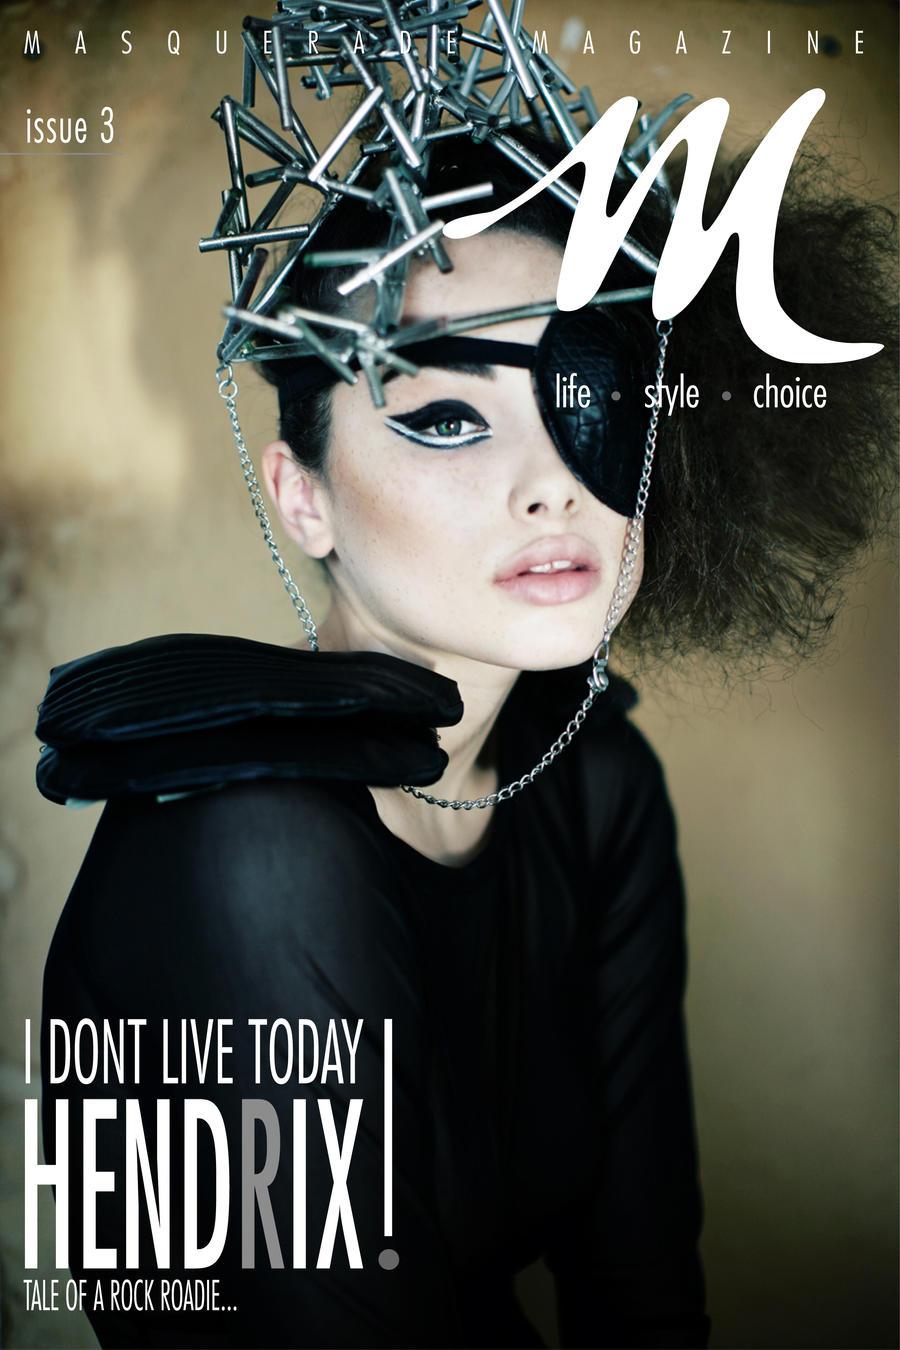 Masquerade Magazine by larafairie